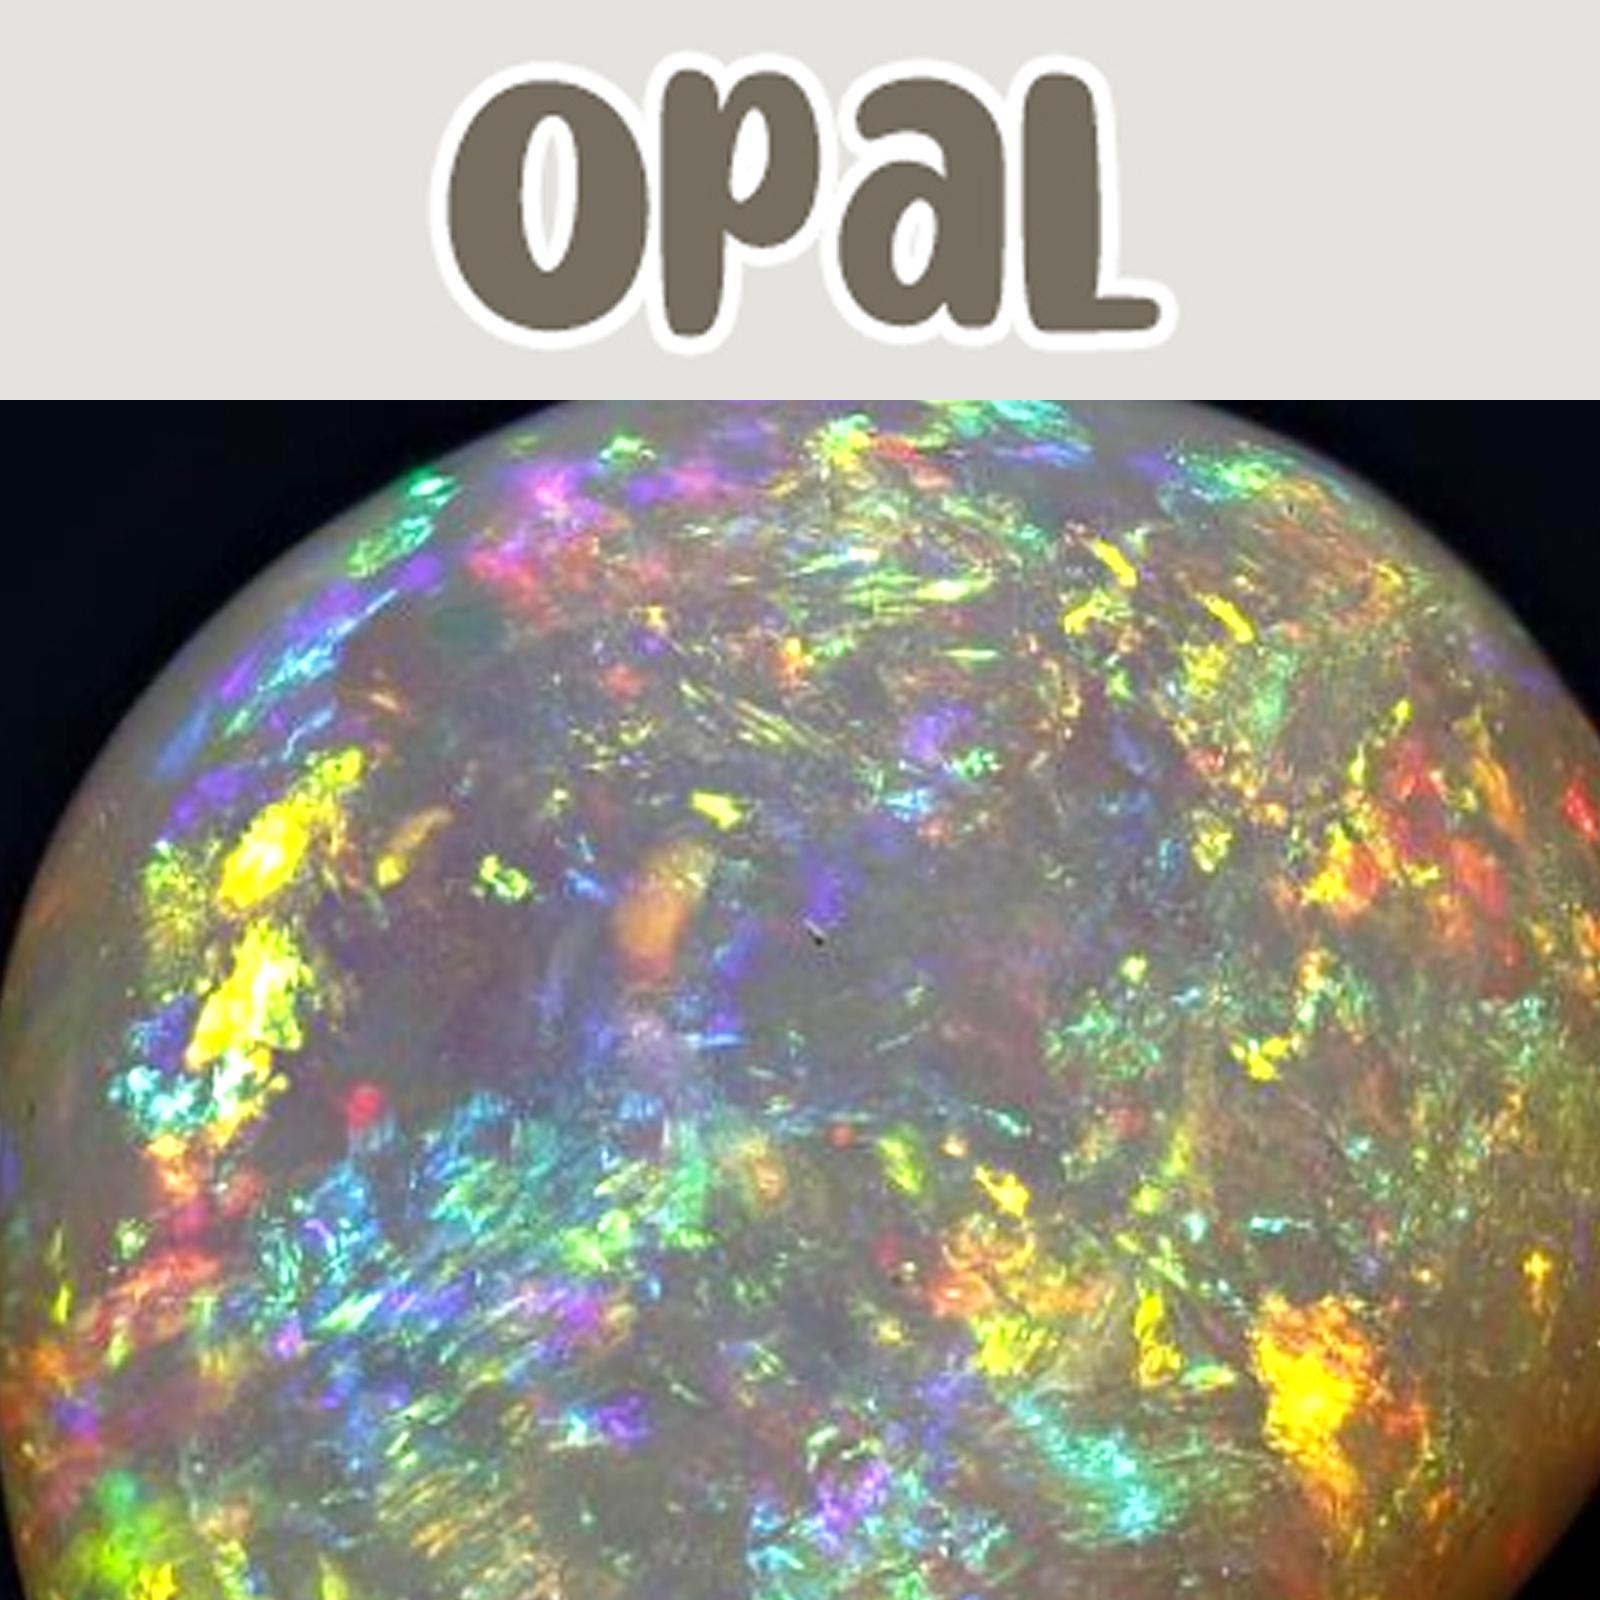 Opal smithsonian